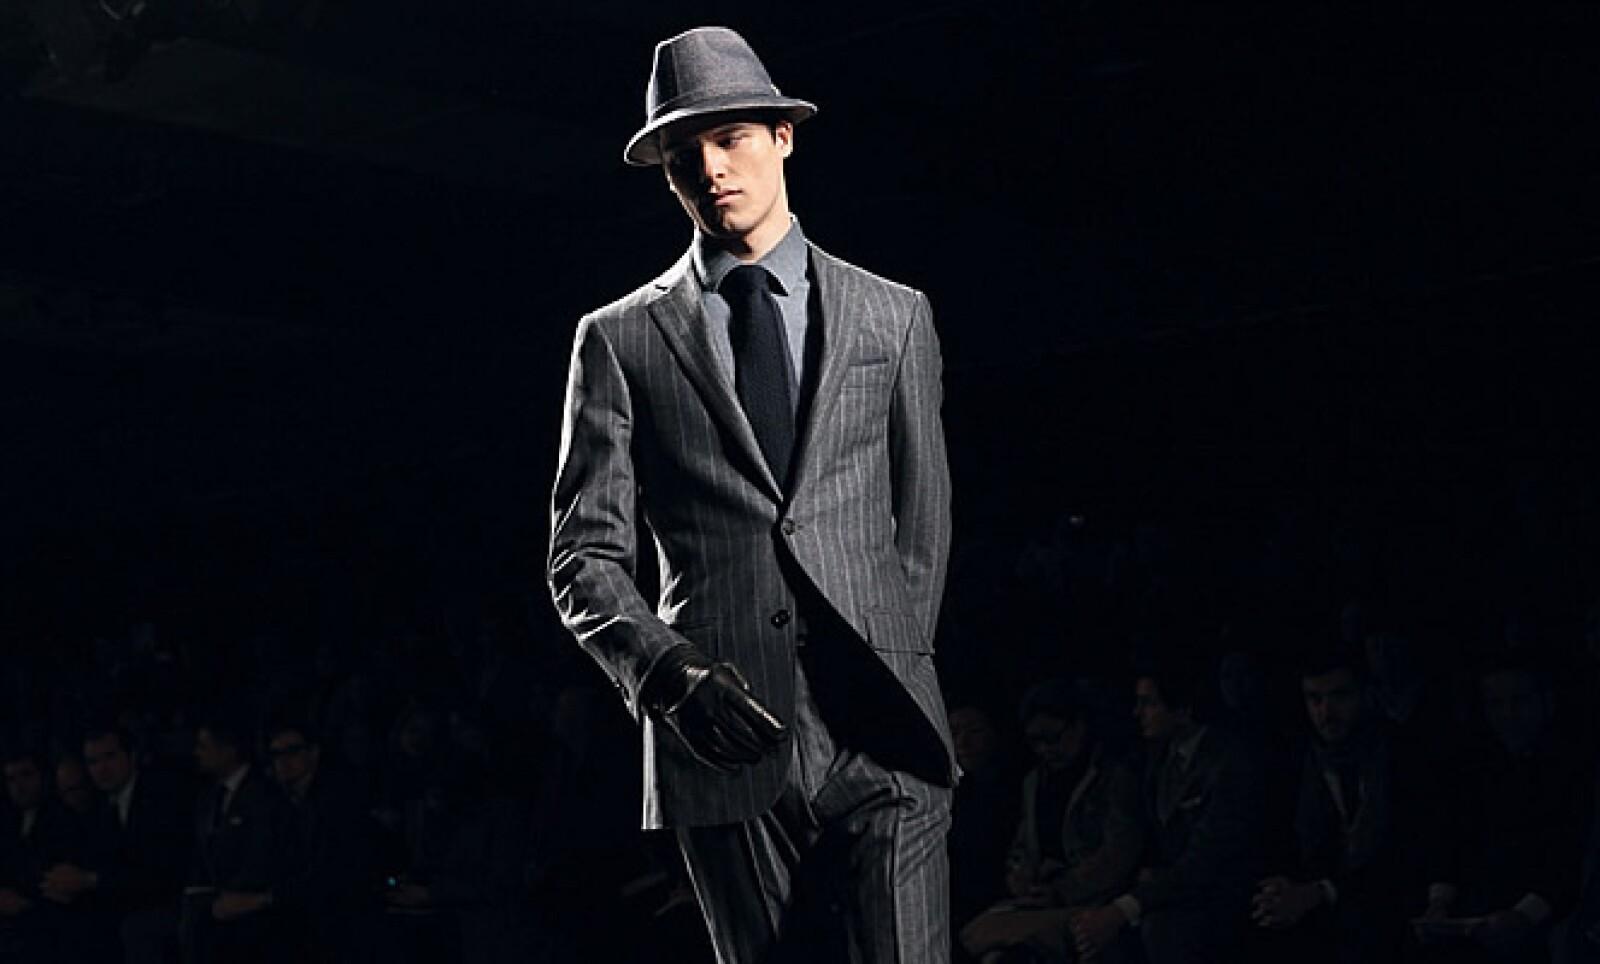 Para el centenario de Zegna, la firma italiana tiene una tendencia monocromática con relevancia en tonos azules, verdes oscuros y grises.